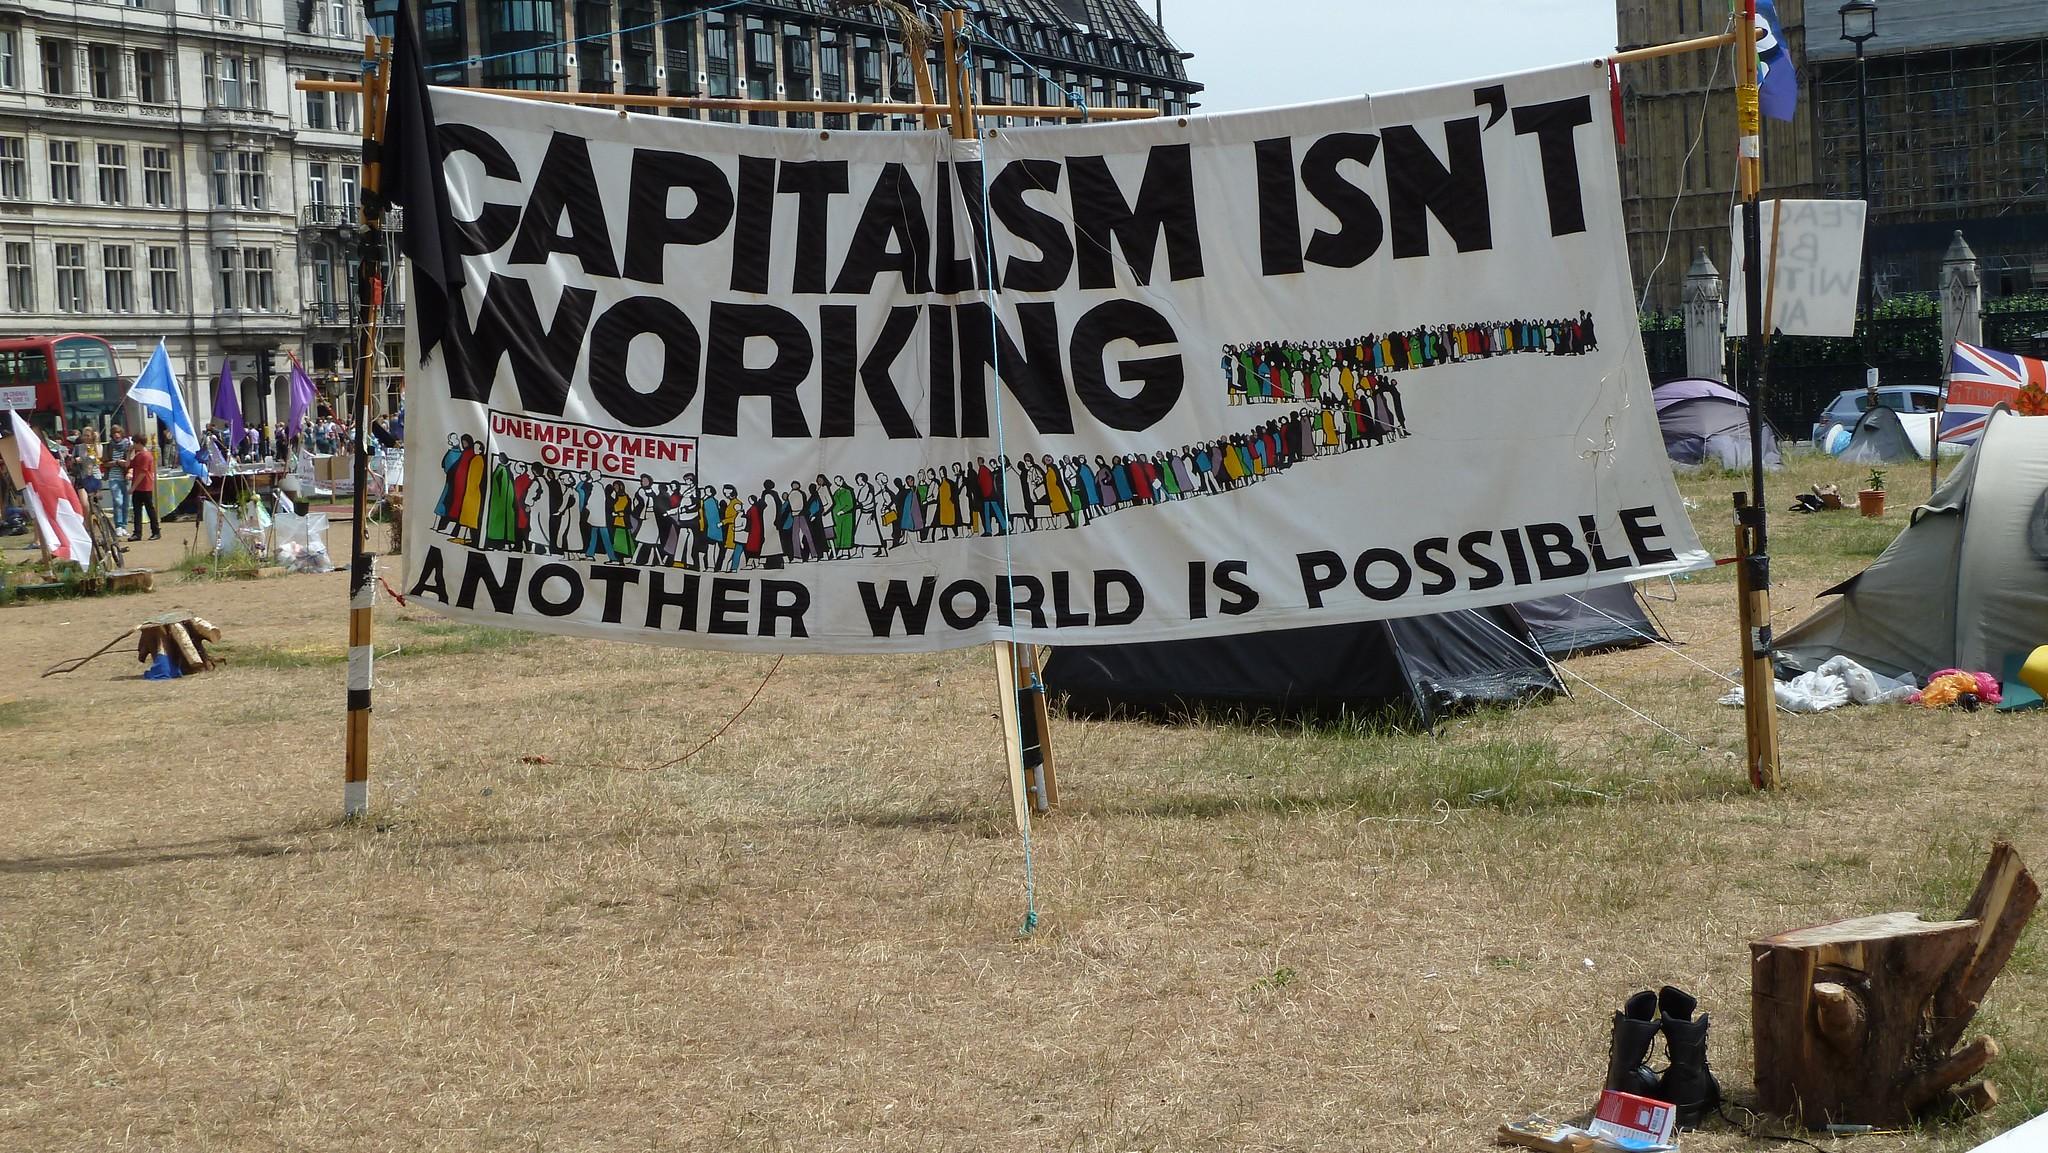 Gewerkschaften, Wirtschaftswachstum und Klimakrise: Warum mehr Kapitalismuskritik gefragt wäre